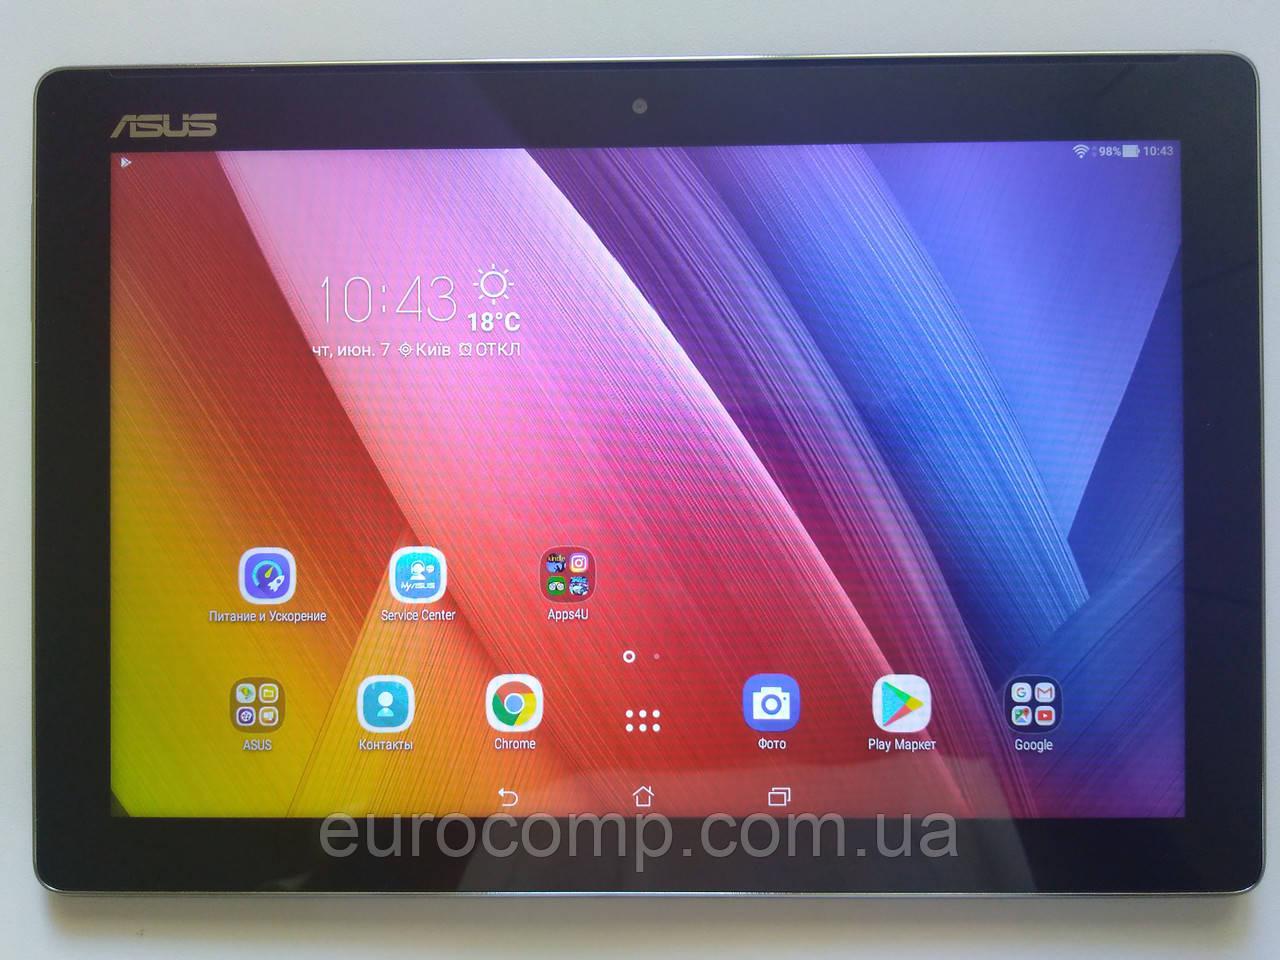 Планшет Asus ZenPad 10 Z300M (10'' HD/4 ядра/2GB/16GB/Android 7.0) - Евро Комп - компьютеры и ноутбуки б/у из Европы с гарантией в Киеве